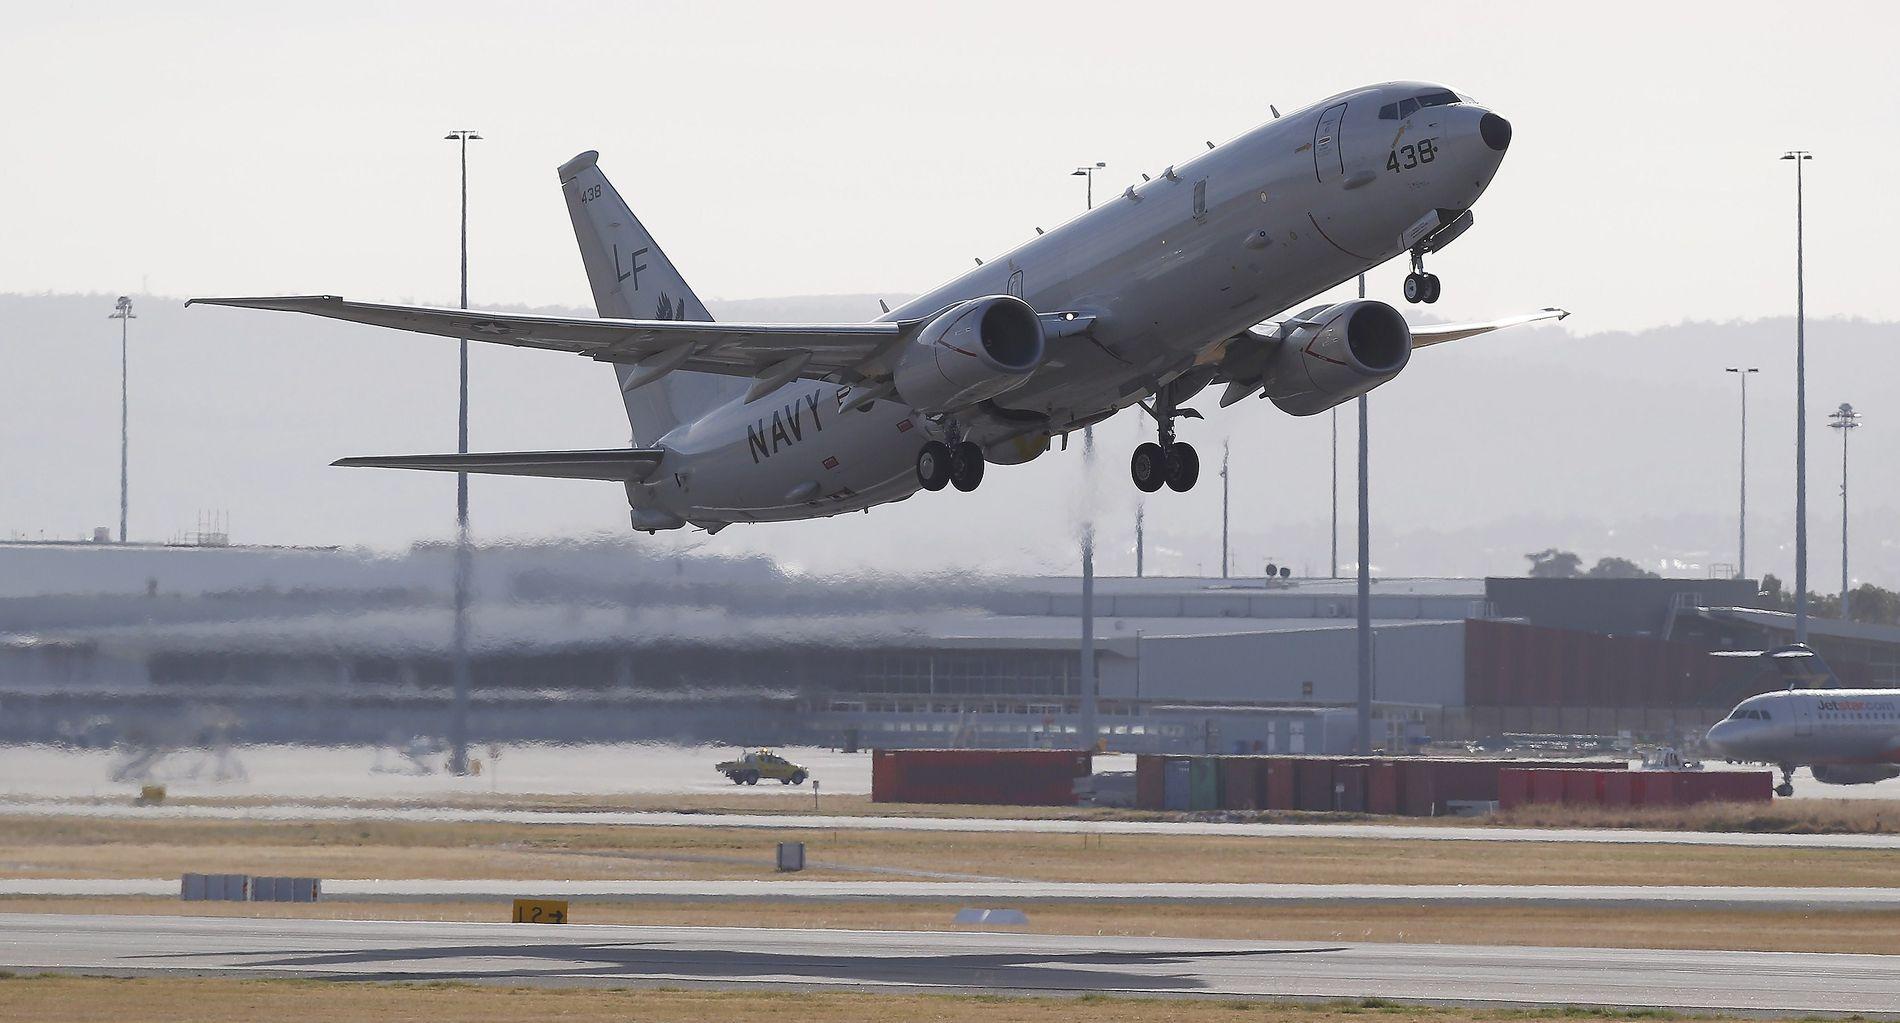 FEM SLIKE: USAs marine har hatt P8 Poseidon maritime overvåkningsfly i aktiv tjeneste siden 2013. Nå vil regjeringen hurtiganskaffe samme flytype. Her tar et amerikansk fly av fra en base i Australia i 2014.